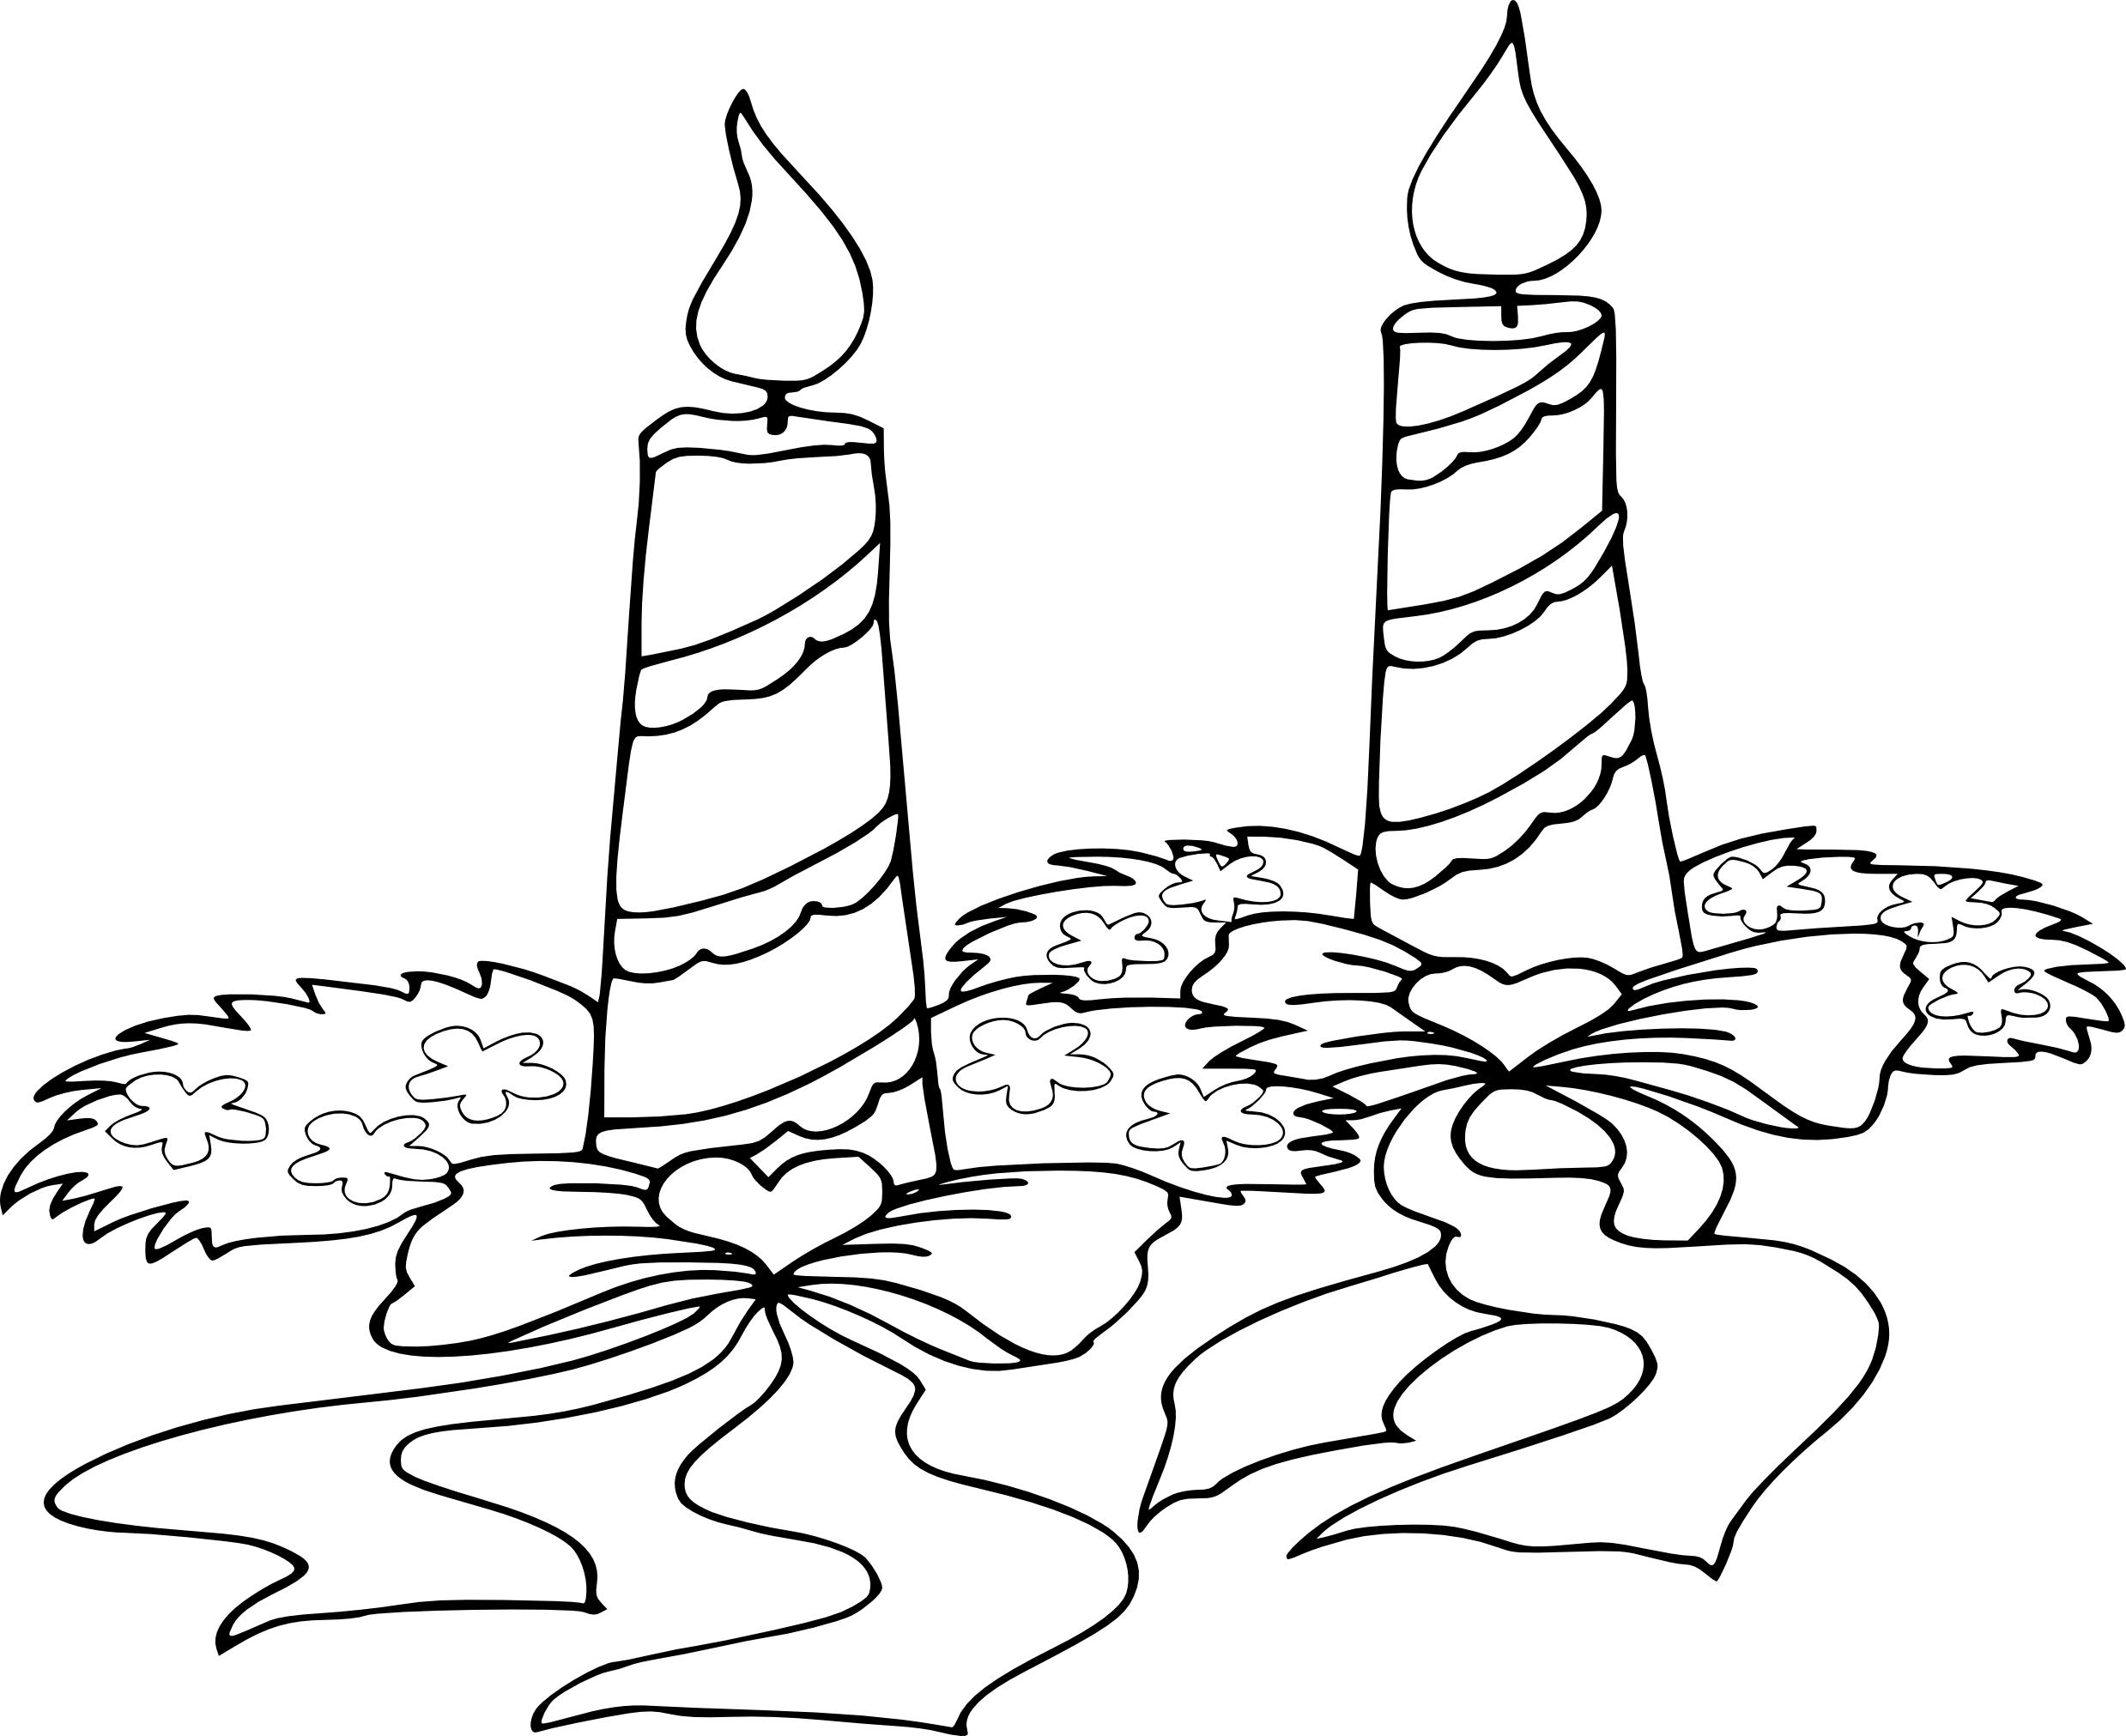 Coloriage bougies de no l imprimer - Coloriage de om ...